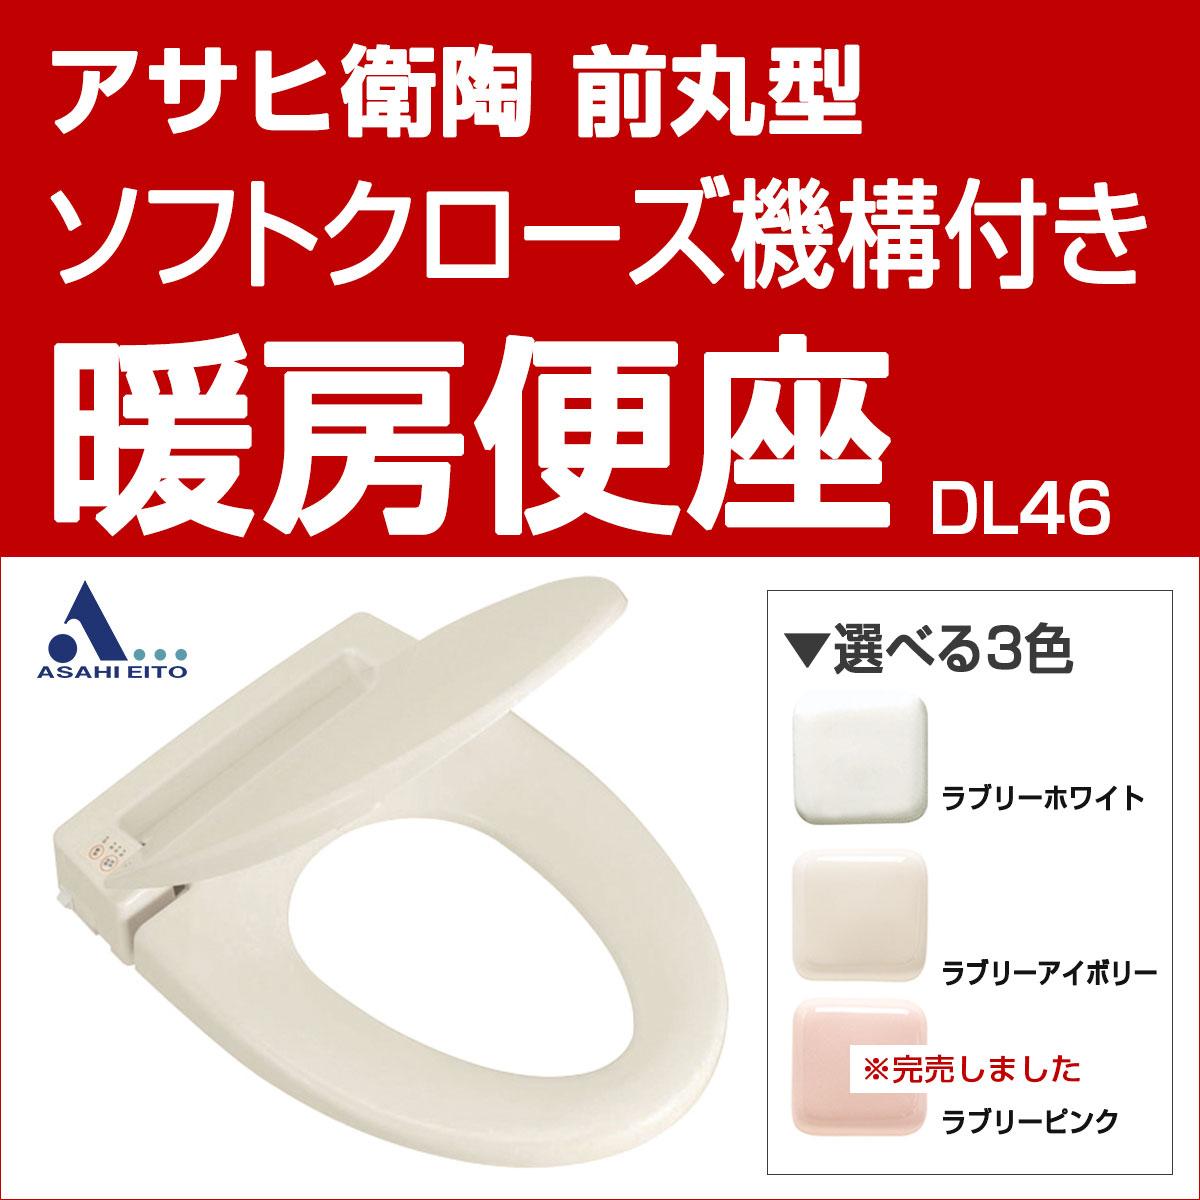 【期間限定ポイントアップ】アサヒ衛陶 暖房便座 DL46